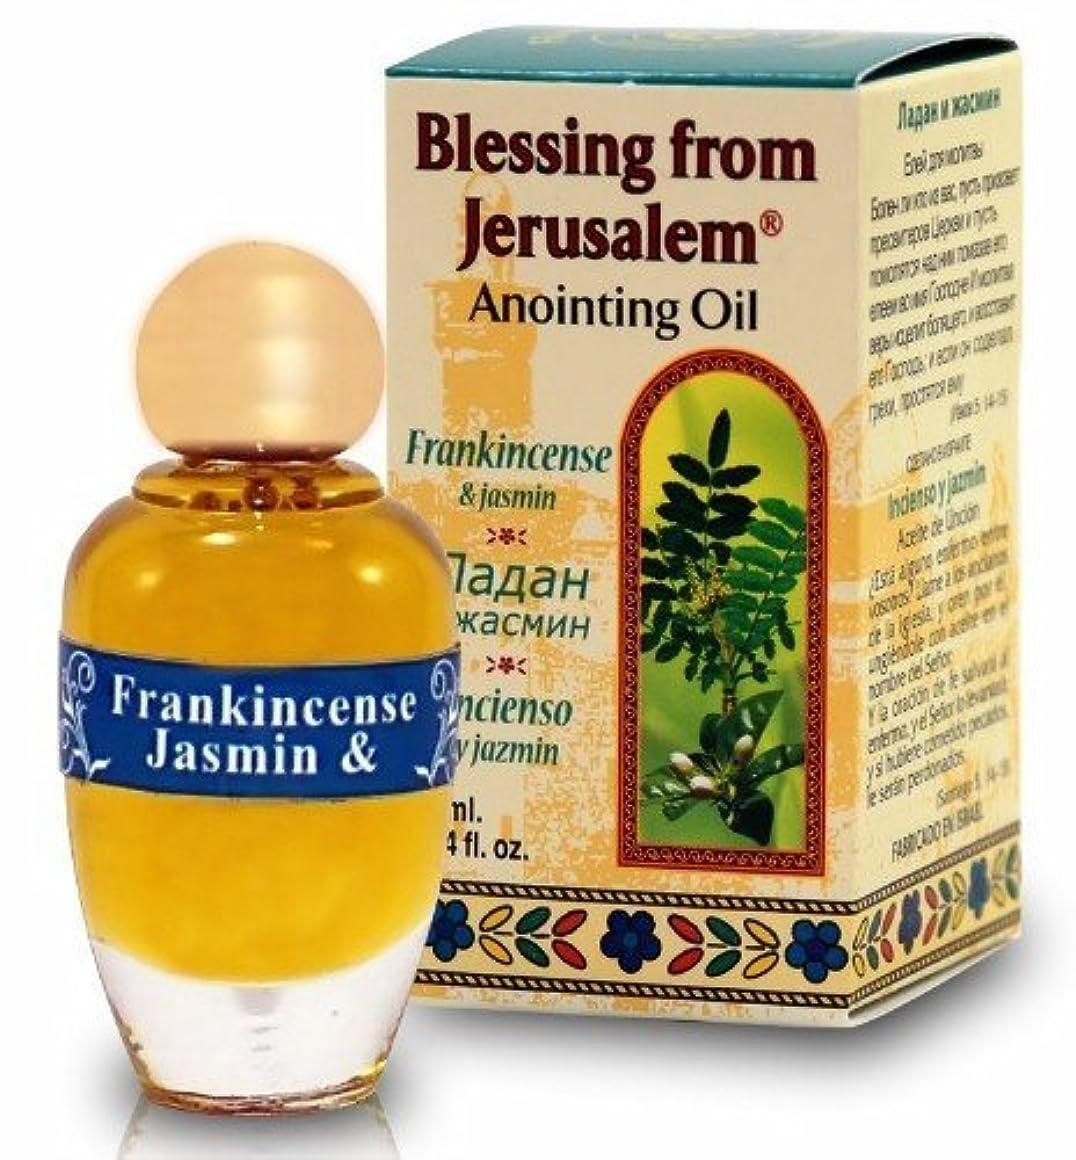 宿る原点執着Top Seller Frankincense &ジャスミンAnointing Oil byベツレヘムギフトTM